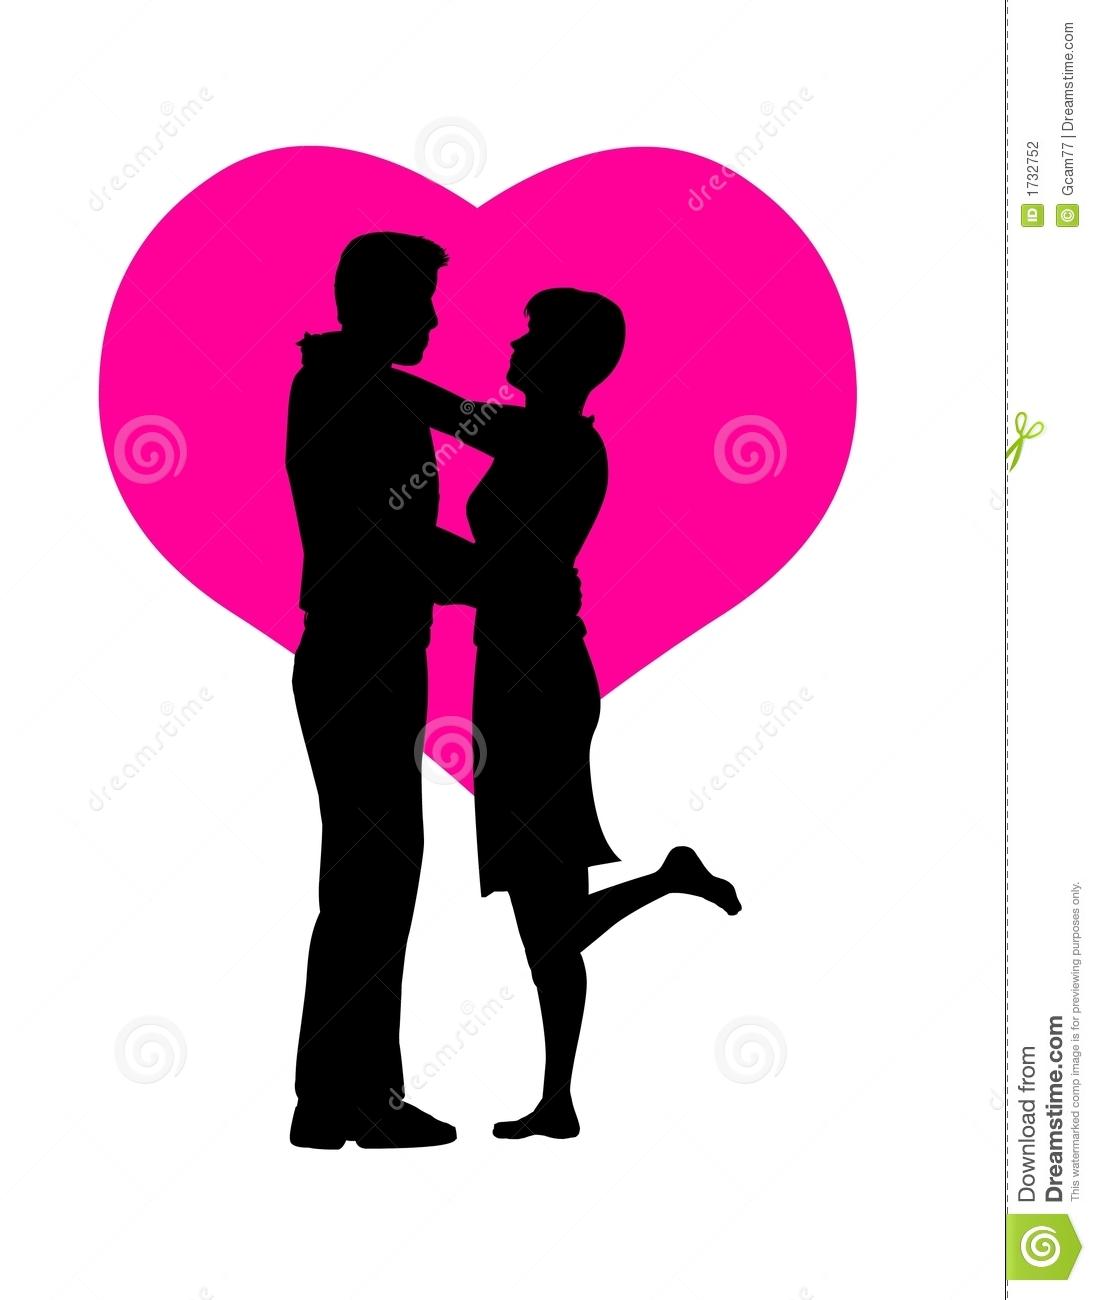 romance clipart-romance clipart-5